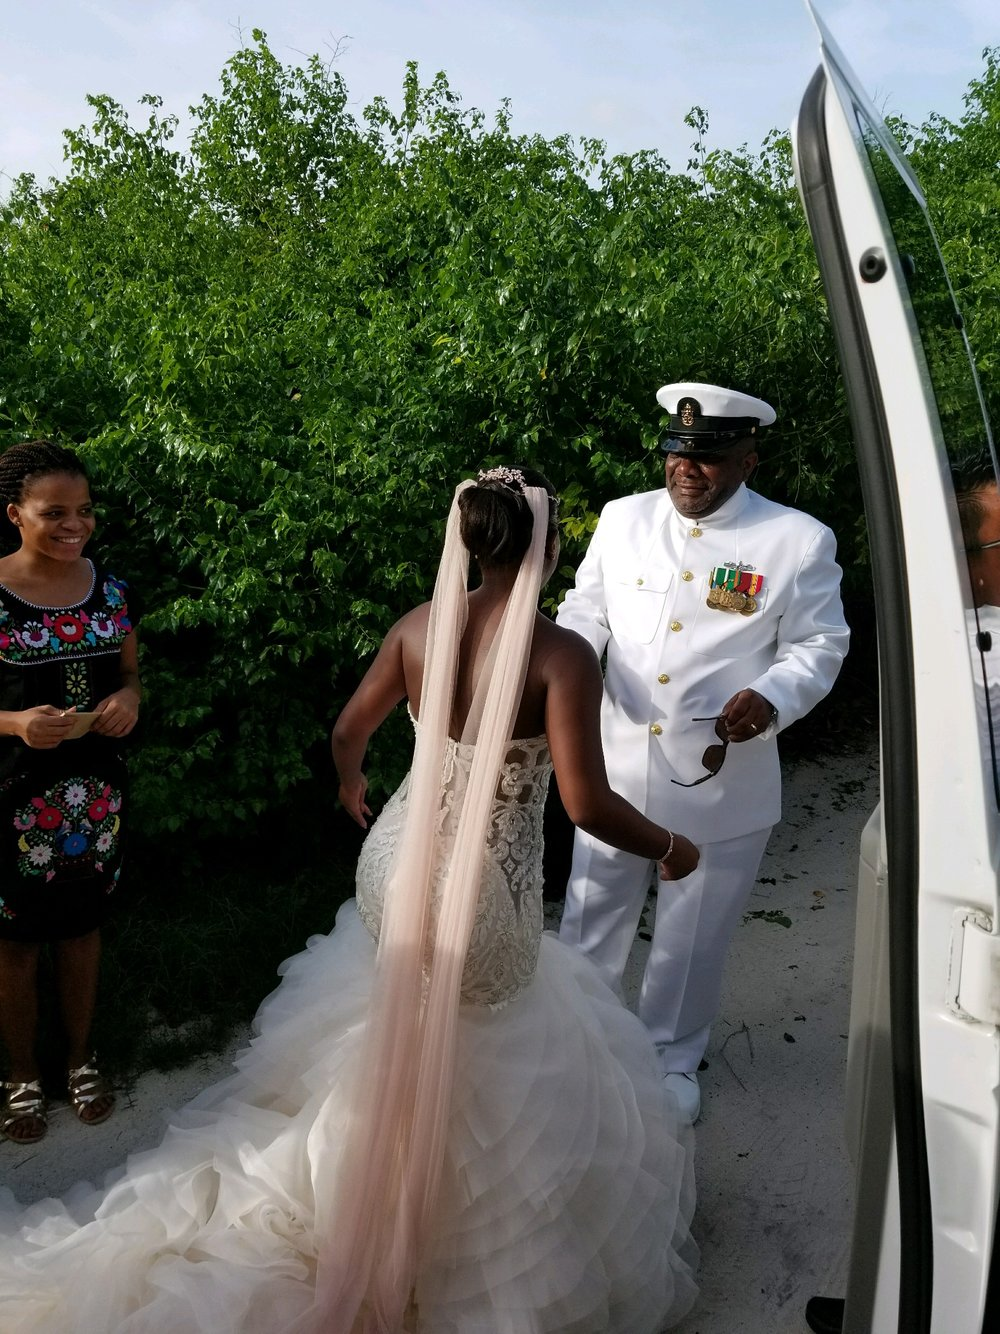 Black Destination Bride - BlackDesti Wedding Countdown Journal - Bridefriends Podcast - 0 Playa del Carmen Mexico - Blue Venado - Shenko Photography - Dad Navy Chief Uniform.JPG